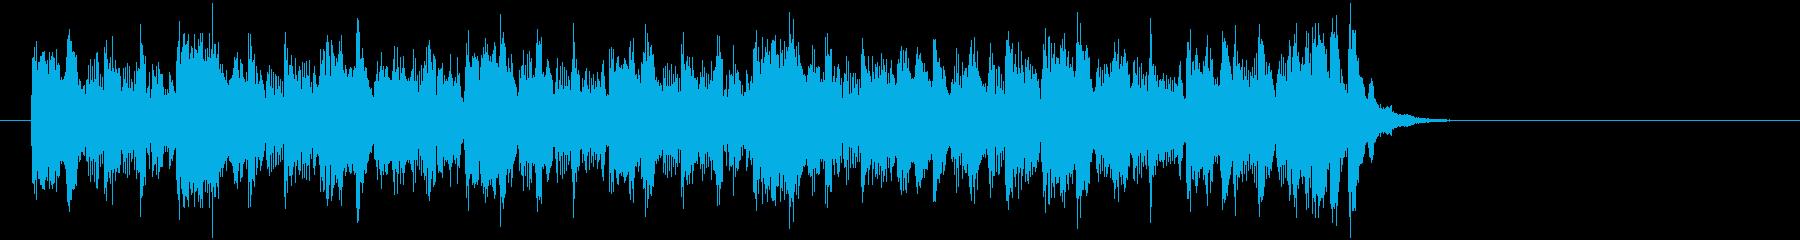 エレクトリックポップス(サビ)の再生済みの波形